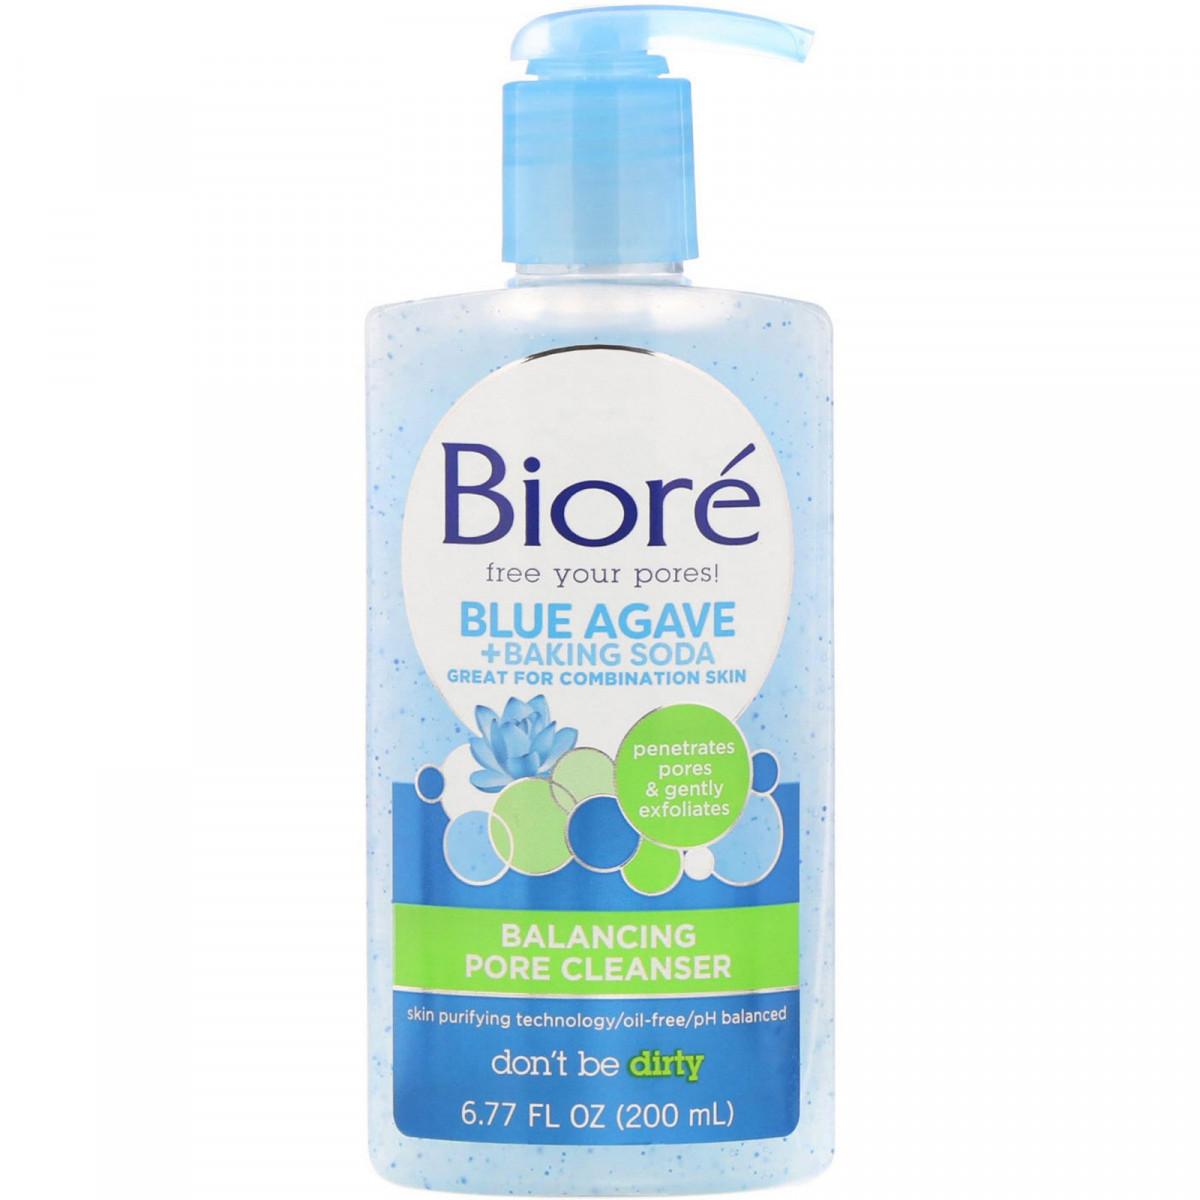 Балансирующее средство для очистки пор «Голубая агава + сода», Biore, 200 мл